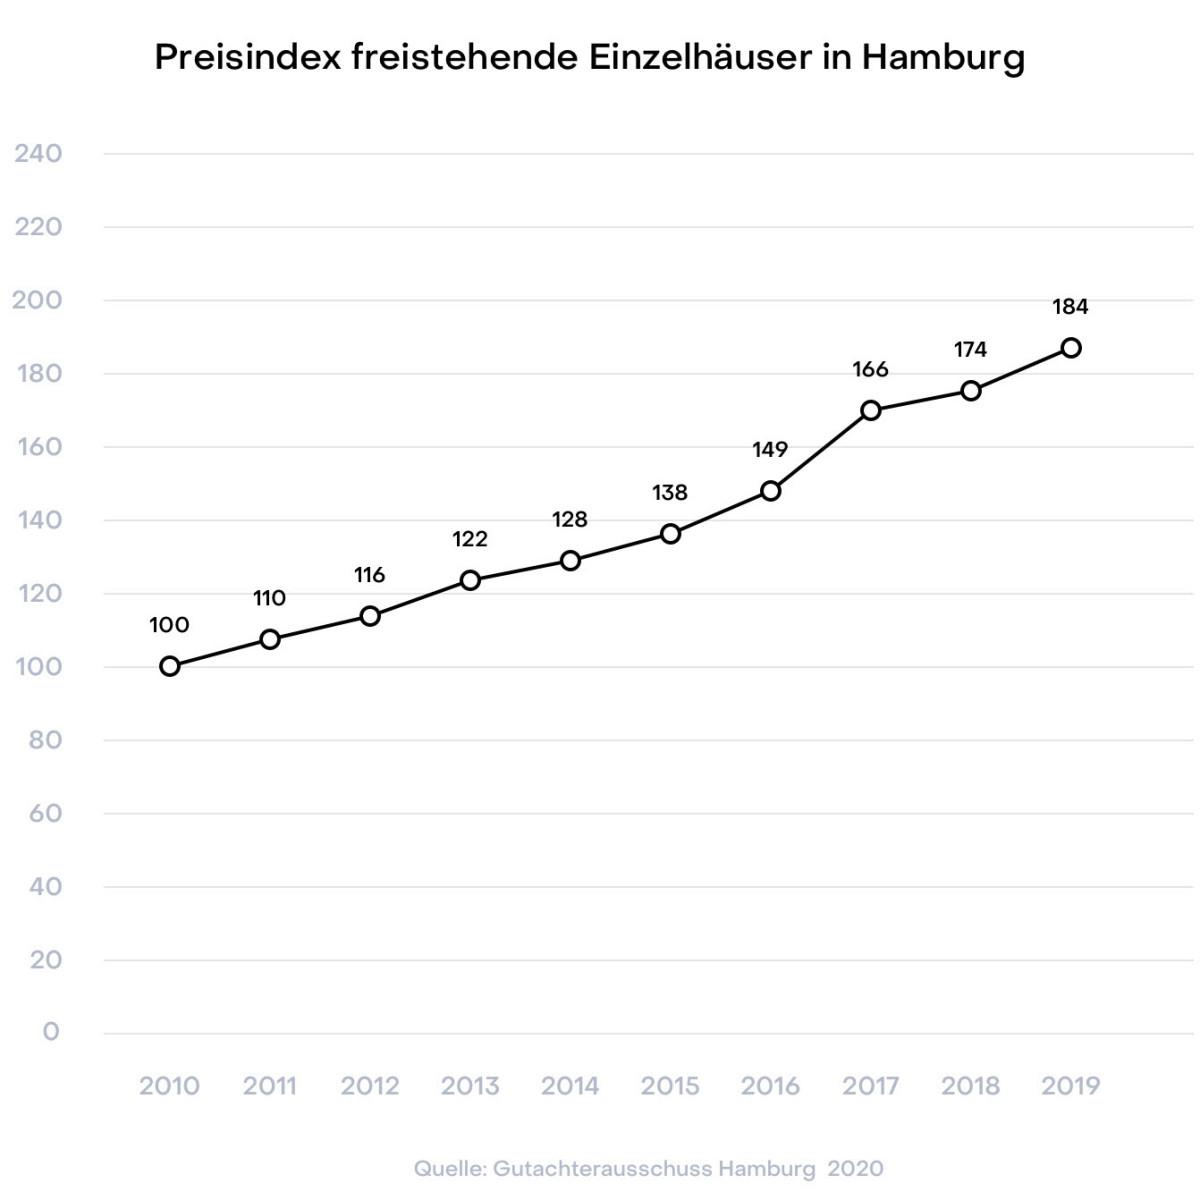 Hamburg Preisindex freistehende Einzelhäuser Gutachterausschuss 2019